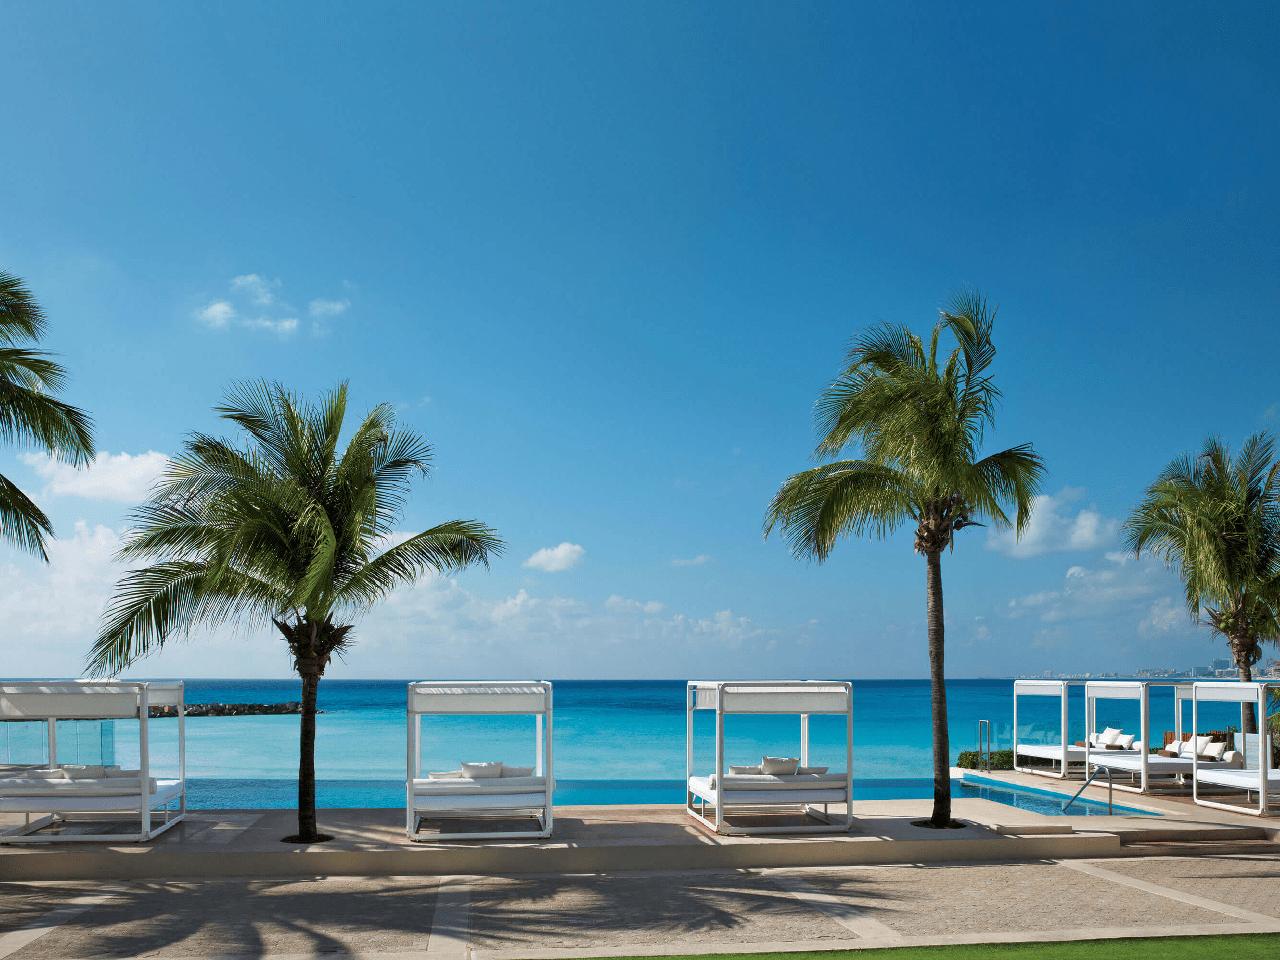 Bodas en la playa paquetes- palmeras y playa